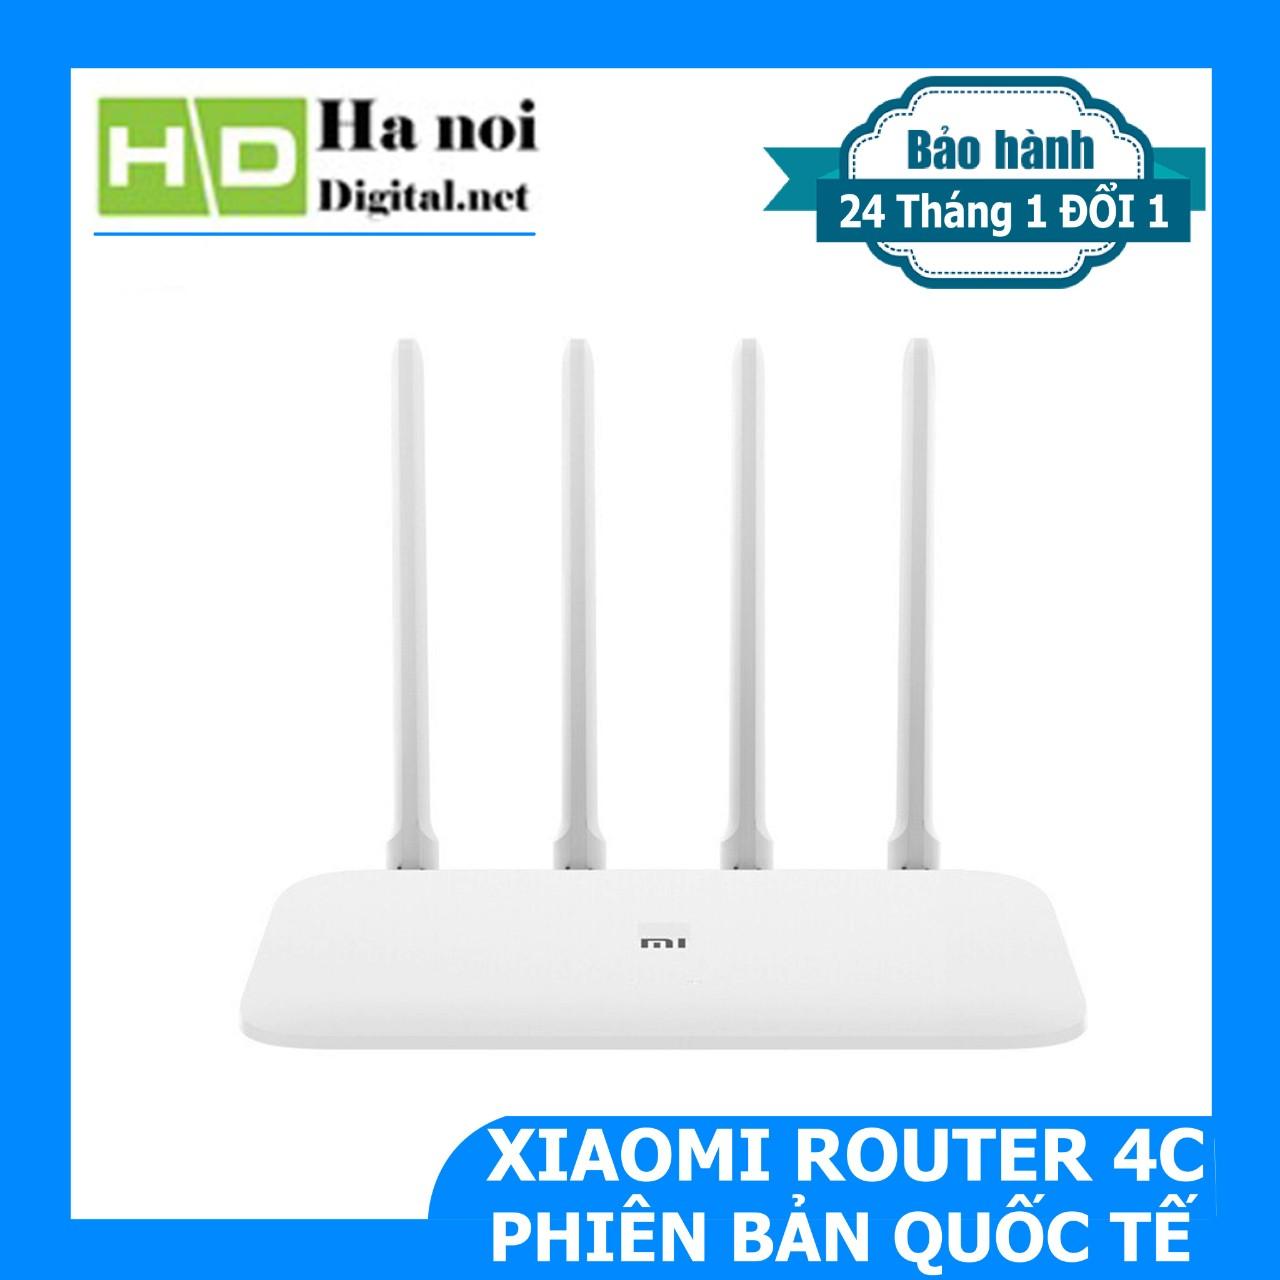 Bộ Phát Wifi Xiaomi Router 4C Bản Quốc Tế Bảo Hành 2 Năm Có Giá Cực Tốt